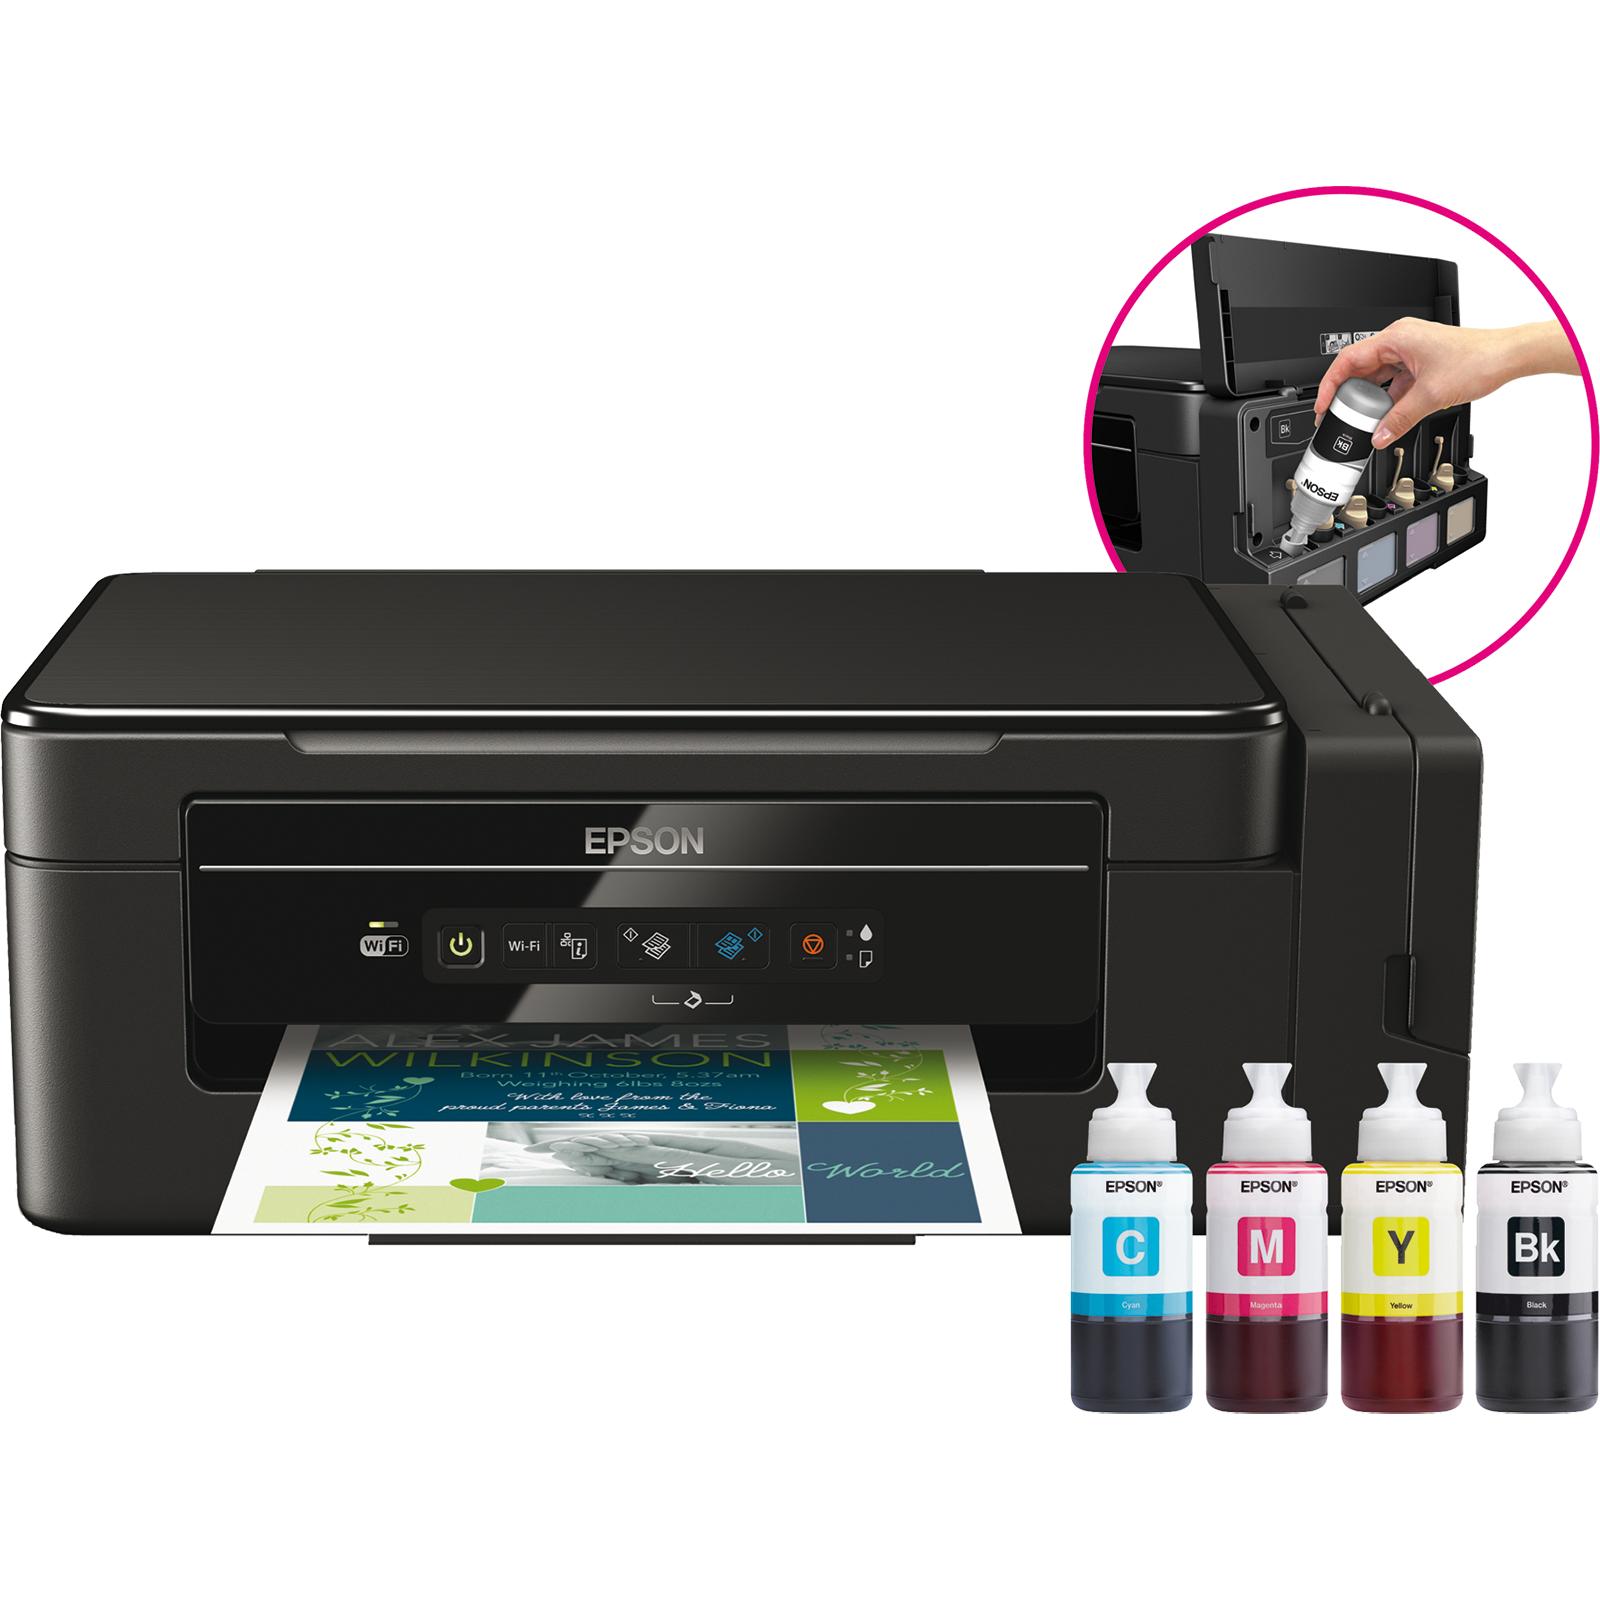 3d-drucker & Zubehör Sonnig 3d Drucker Computer Drucker Print 3d-drucker